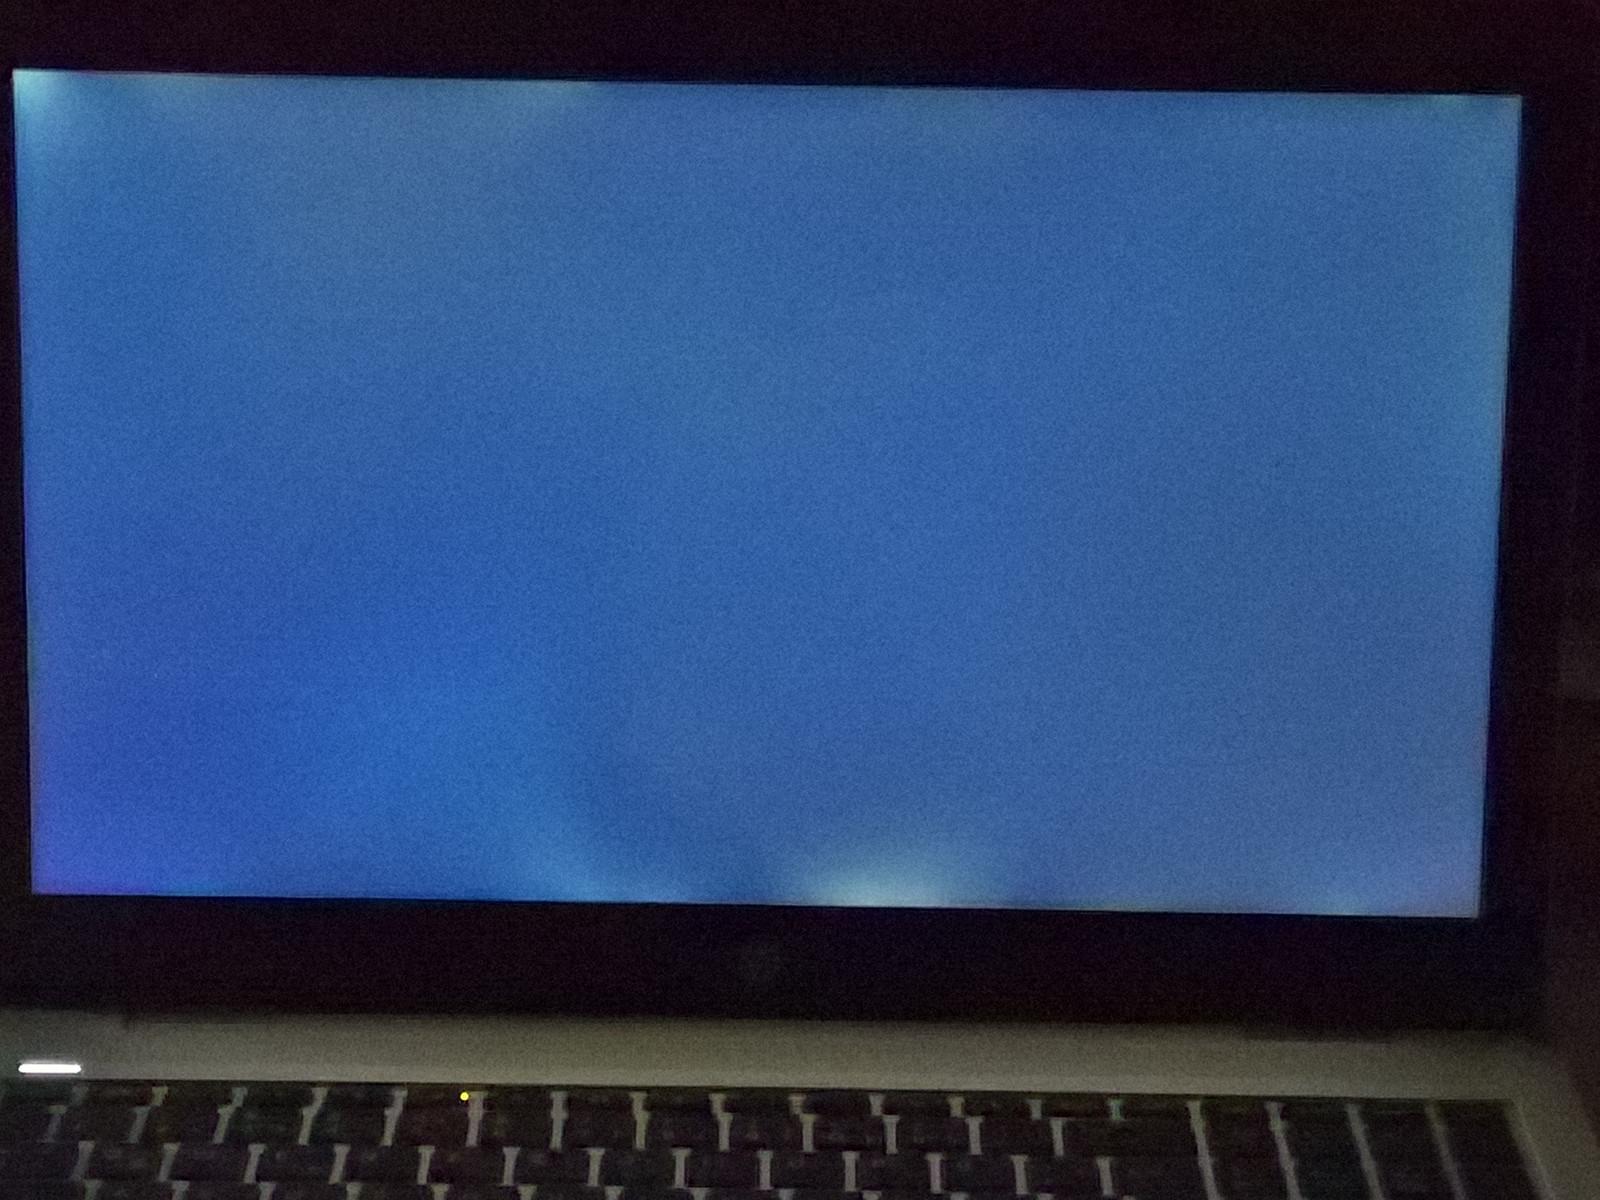 Resetting hp laptop stuck at 43 | Reset PC windows 10 stuck at 46